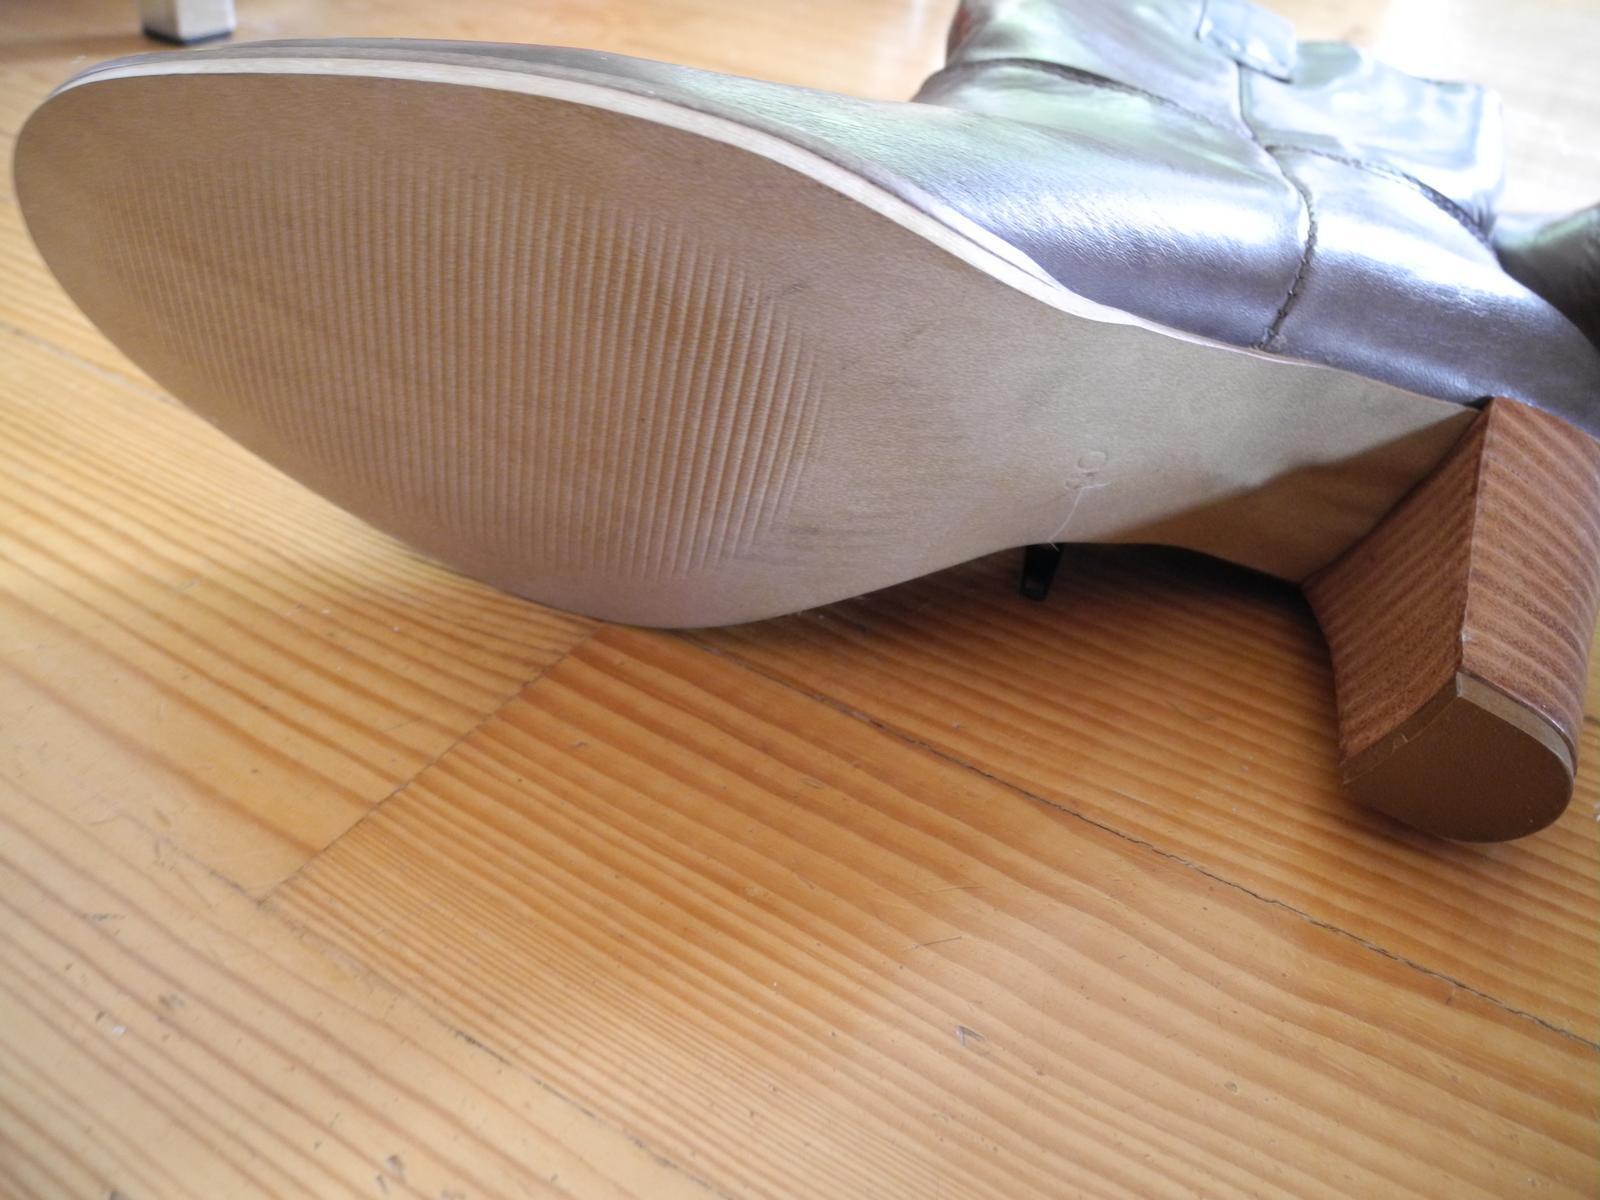 Sommerkind Stiefel UNGETRAGEN Stiefeletten braun NEU und UNGETRAGEN Stiefel Neupreis 570349